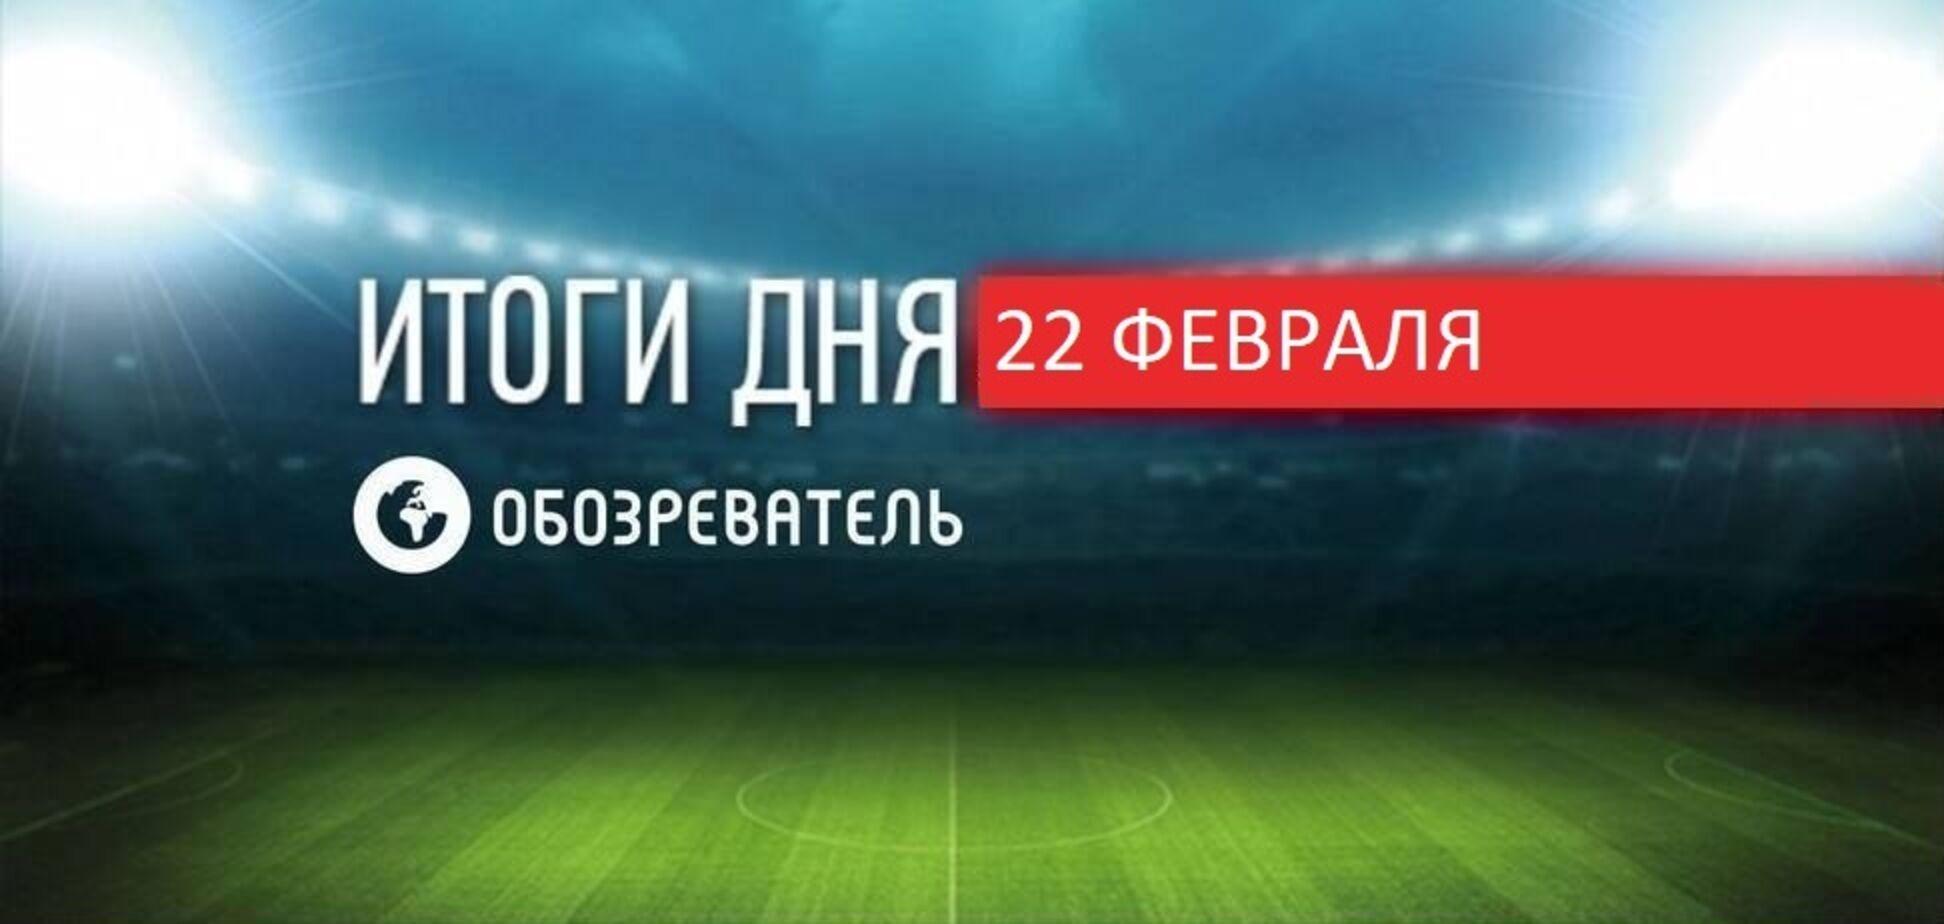 Украина с первого места вышла на Евробаскет-2022: спортивные итоги 22 февраля